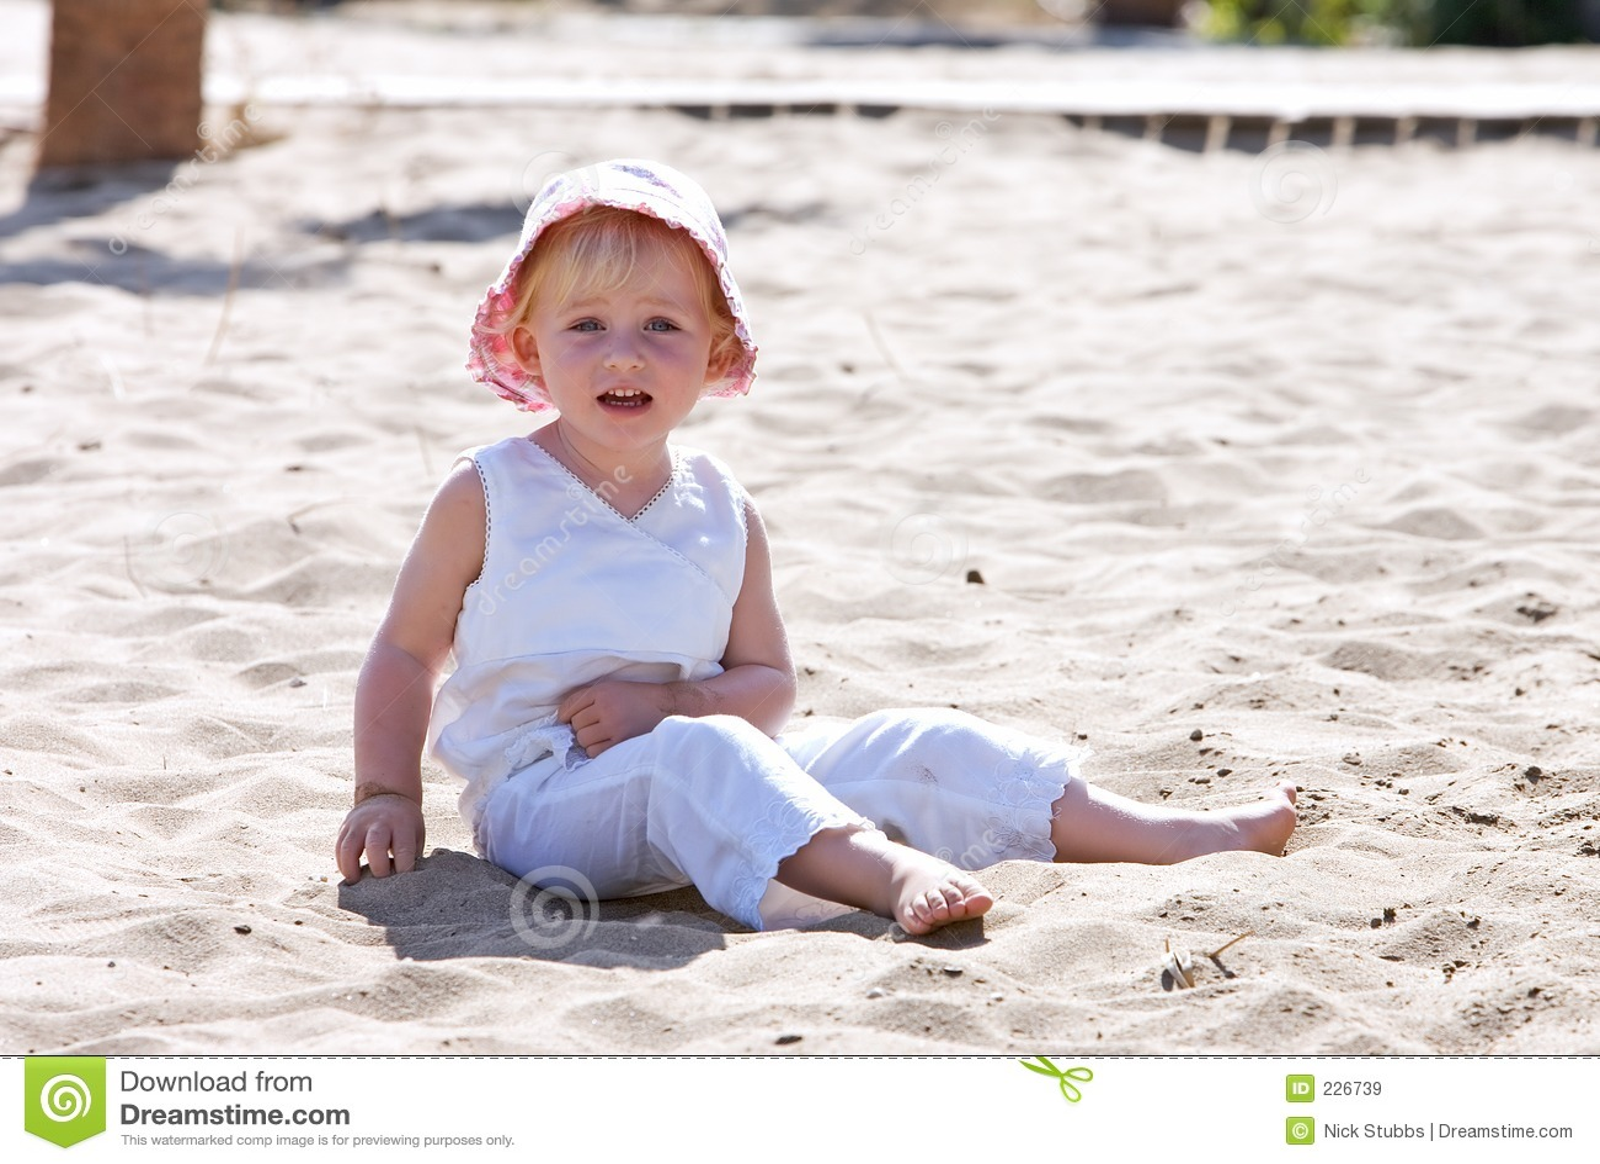 Dziecko plażowych kapeluszu różowego siedzi młody